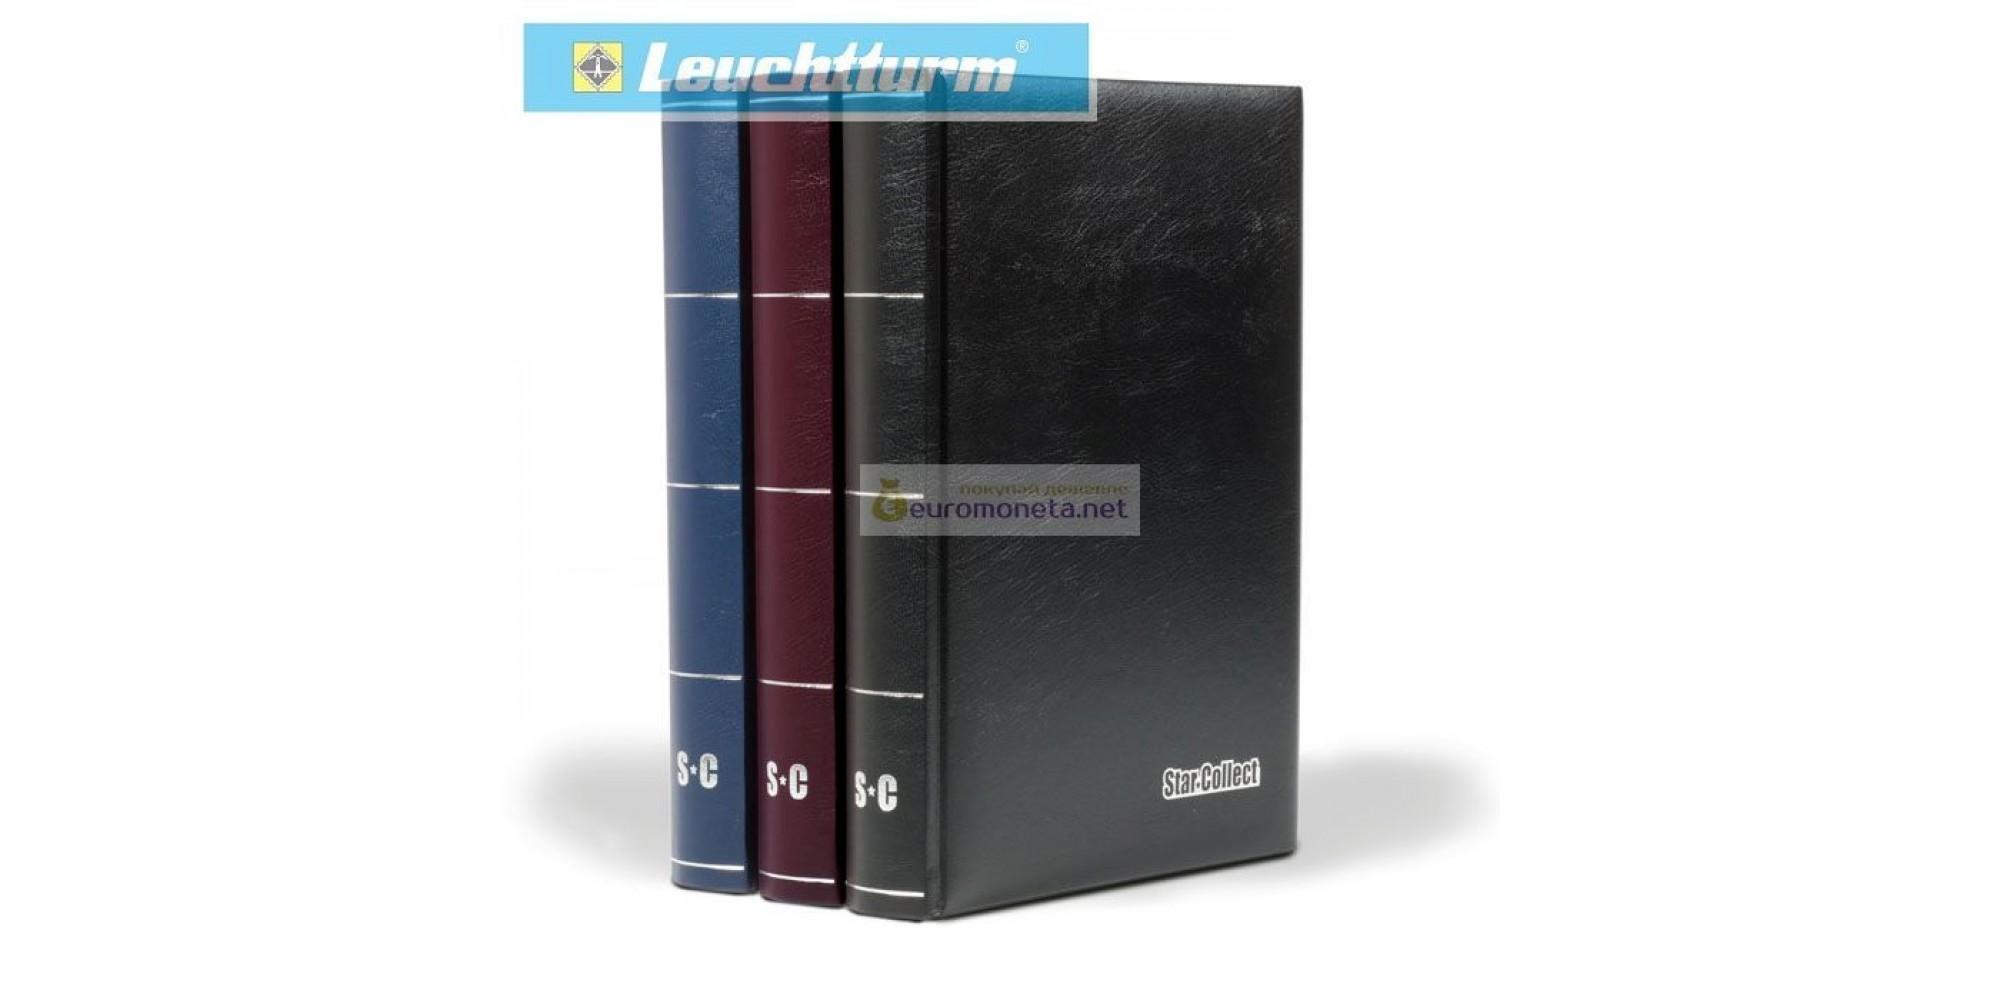 Альбом для марок STAR COLLECT DIN A4 S60 чёрные страницы, мягкая обложка, чёрный, Германия Leuchtturm